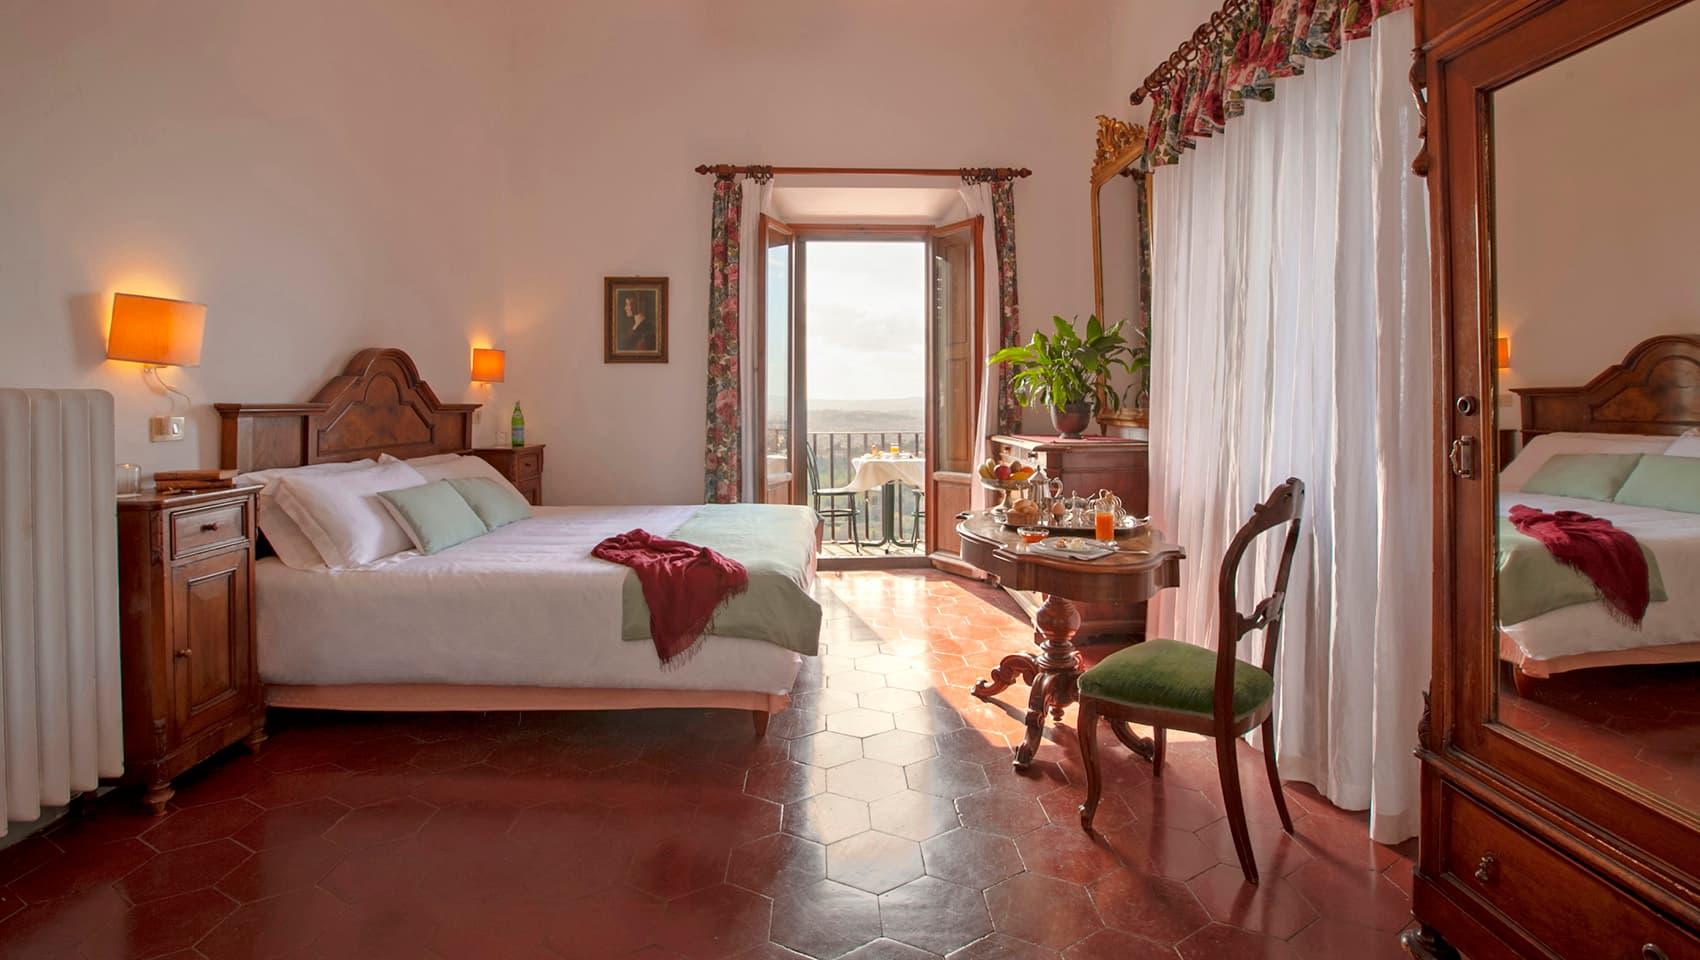 Camere Hotel Fiesole Firenze - Pensione Bencistà